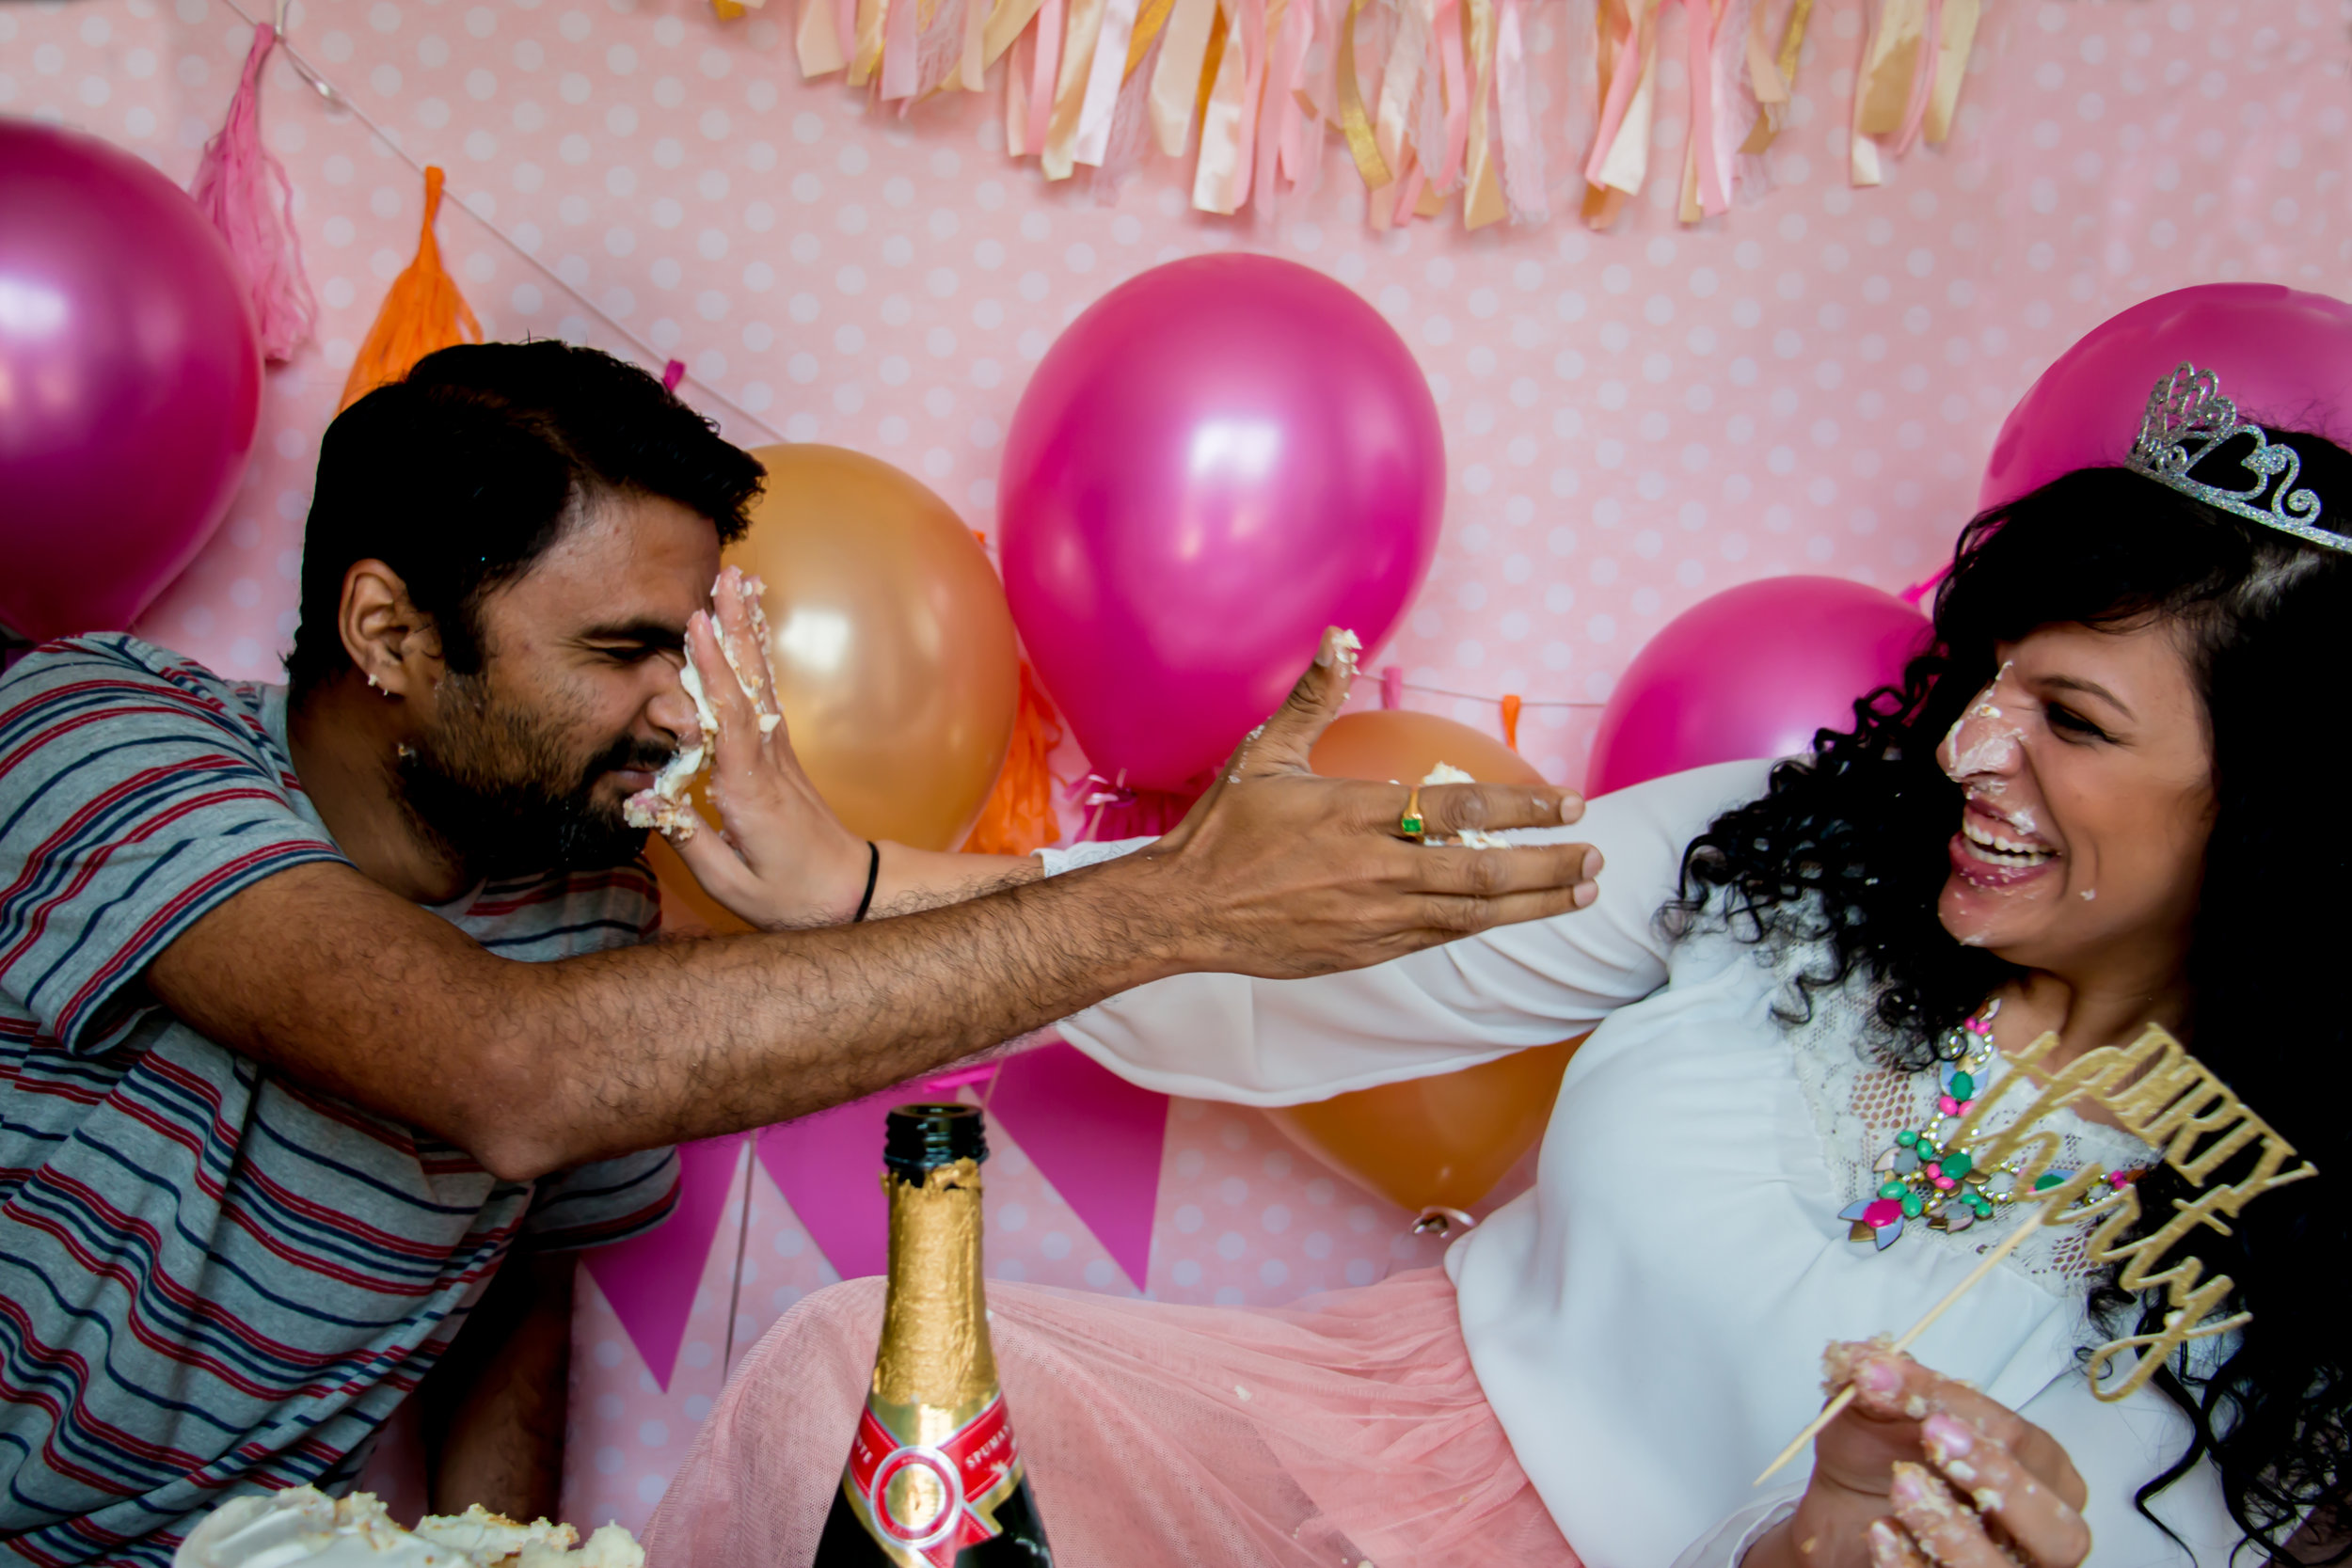 Cincinnati Ohio Photographer  Cincinnati Photographer  Adult Cake Smash  How To Smash A cake  Adult Cake Smash How To  Cake Smash Session  Cincinnati Ohio Adult Cake Smash  Cincinnati Adult Cake Smash